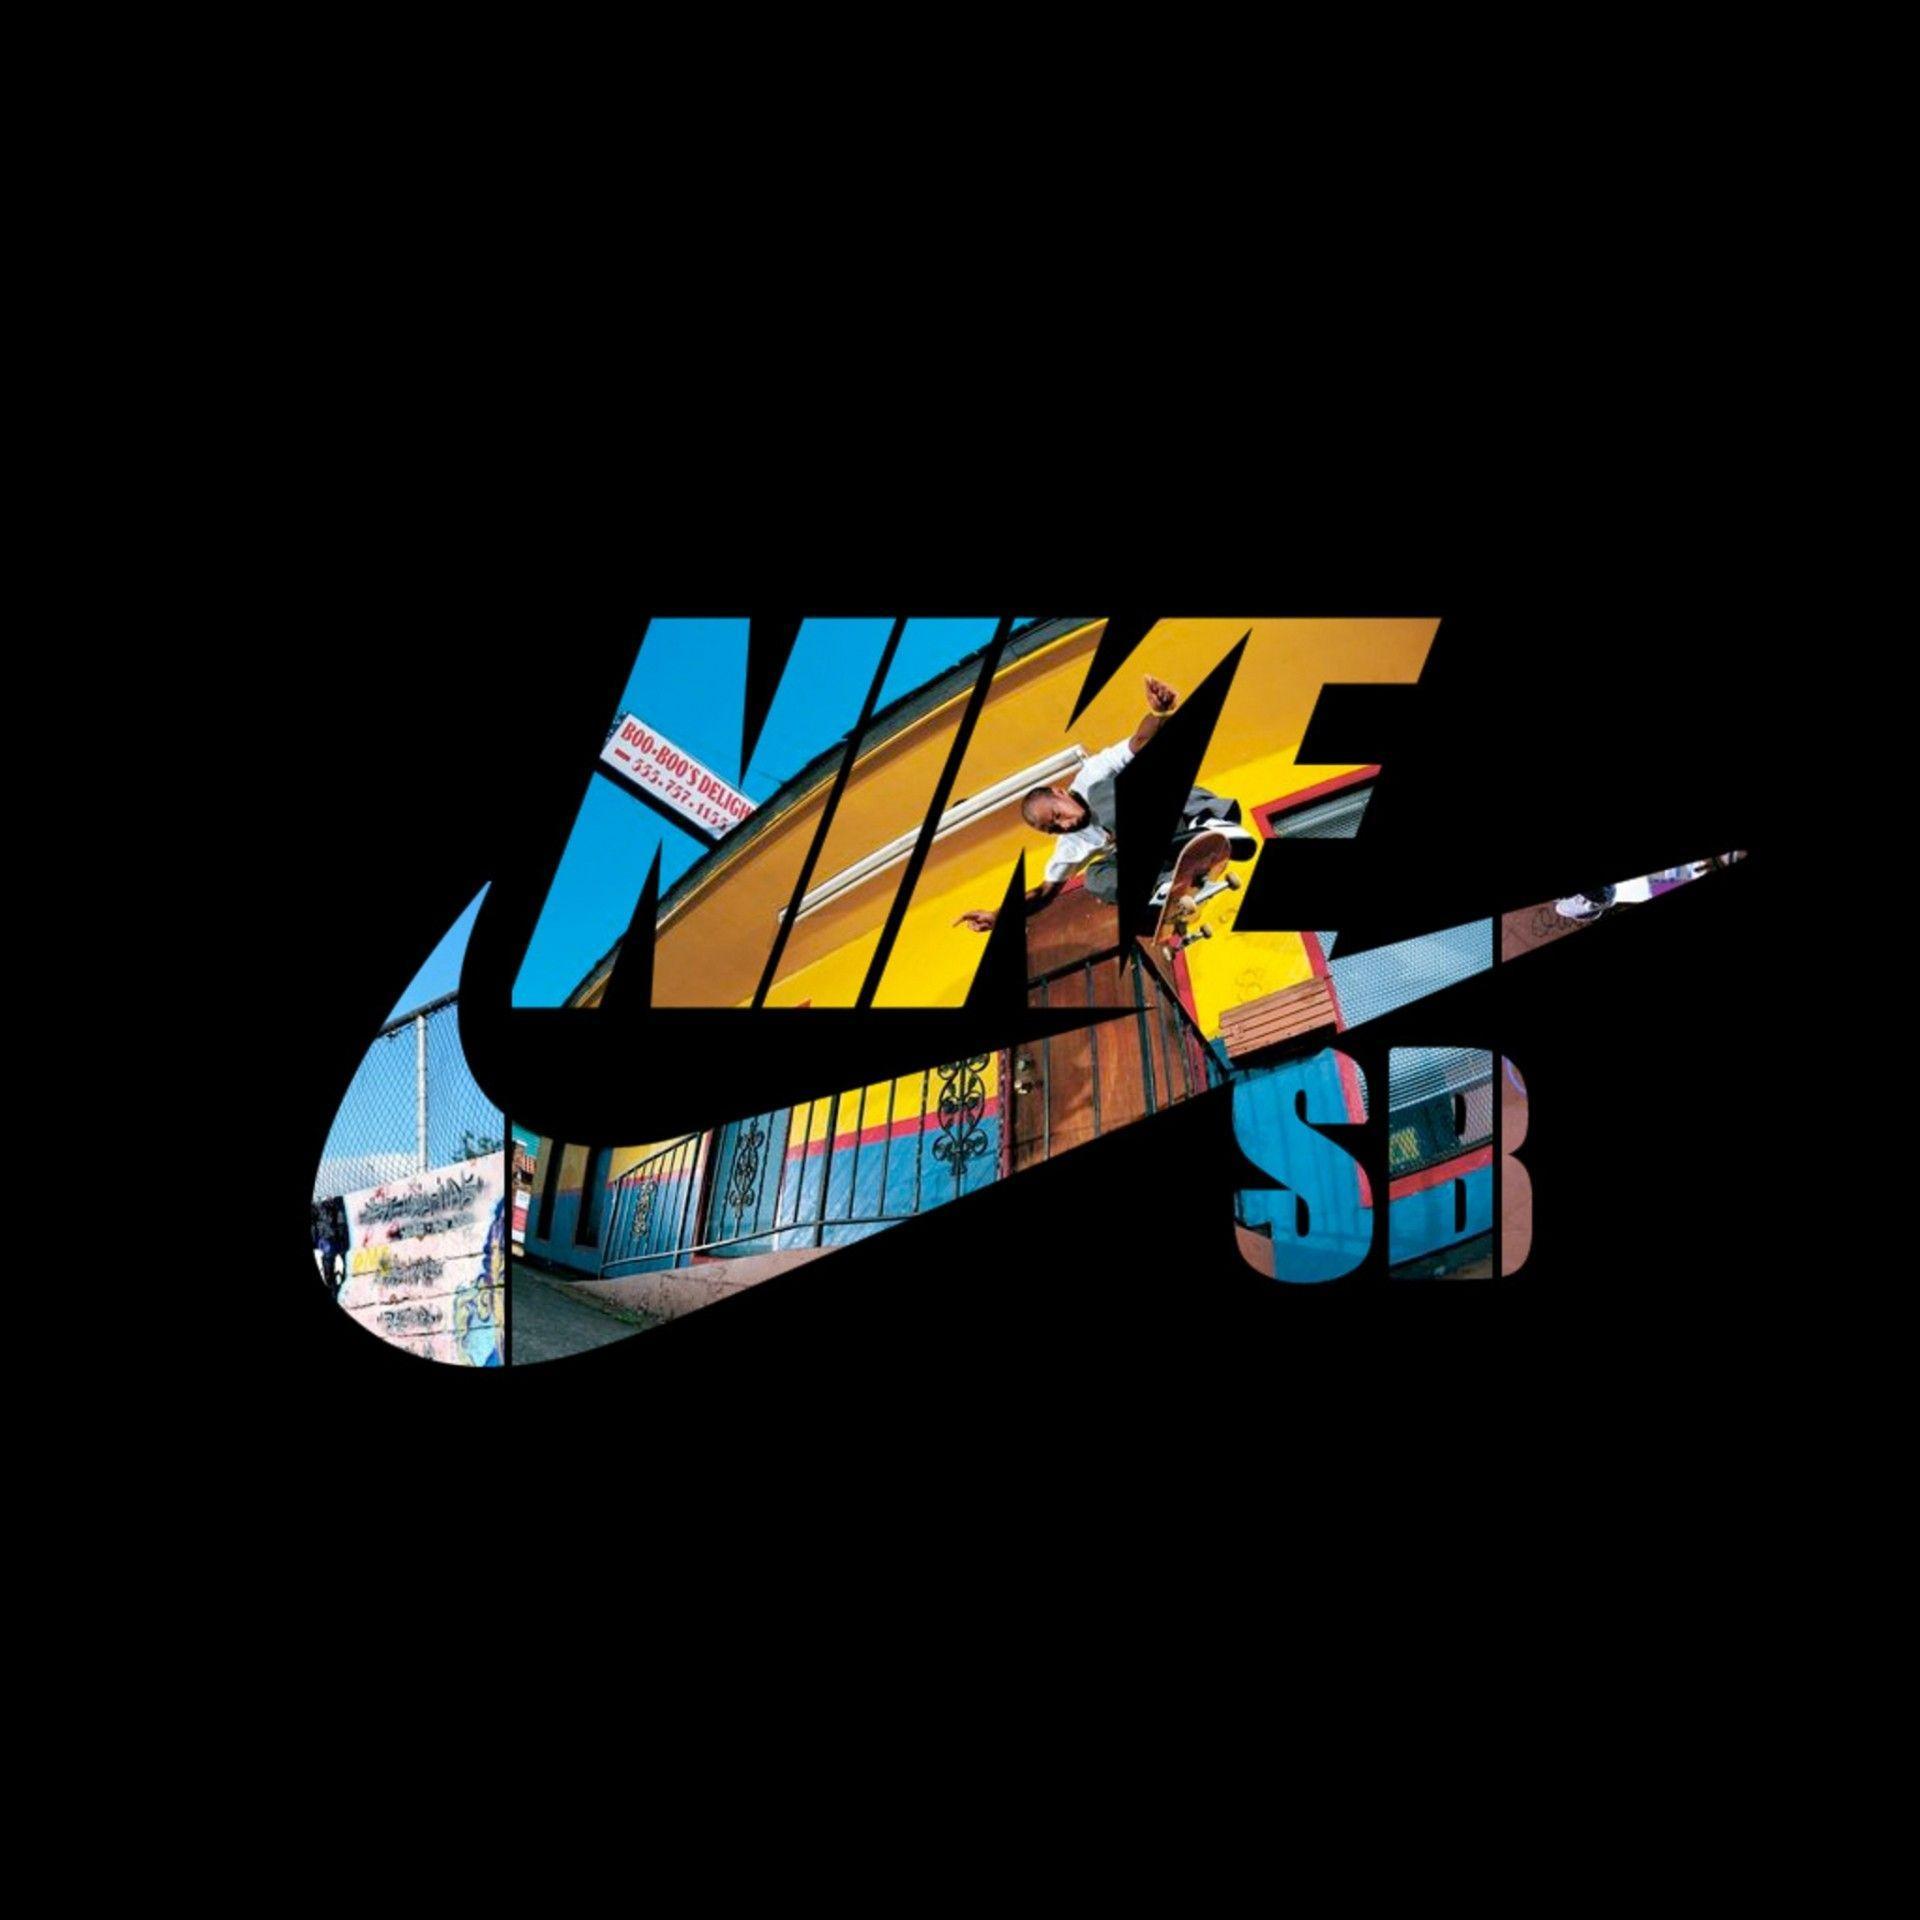 Nike Backgrounds Animated Nike Backgrounds 32282